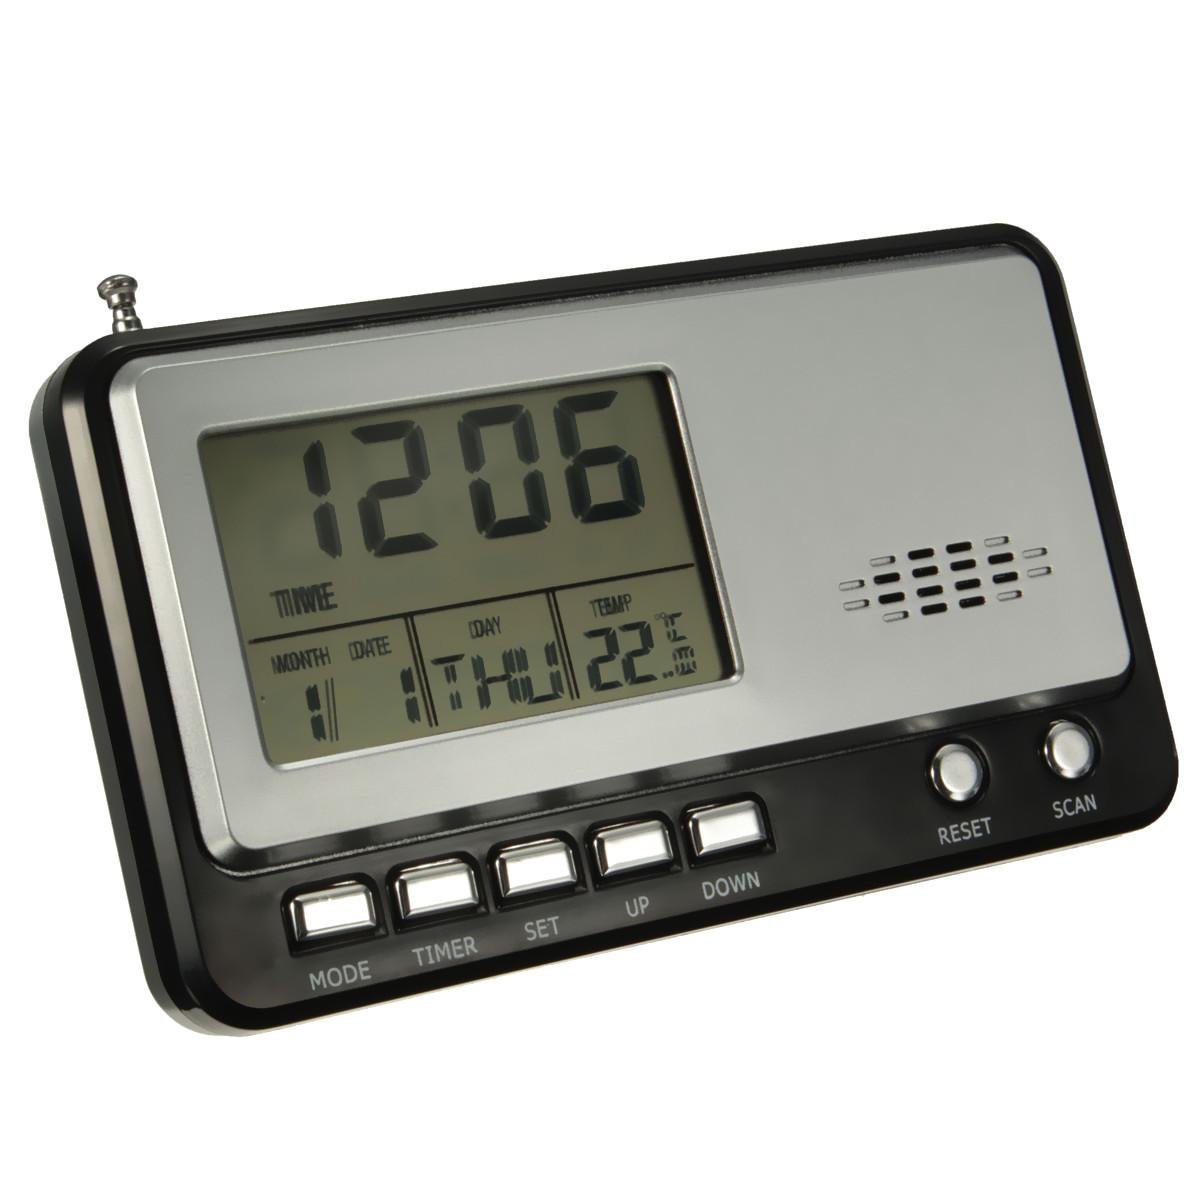 Portable Multi-Functional LCD Display Digital Calendar Clock FM Radio Loudspeaker universal Alarm Temperature Measurement Timer(China (Mainland))